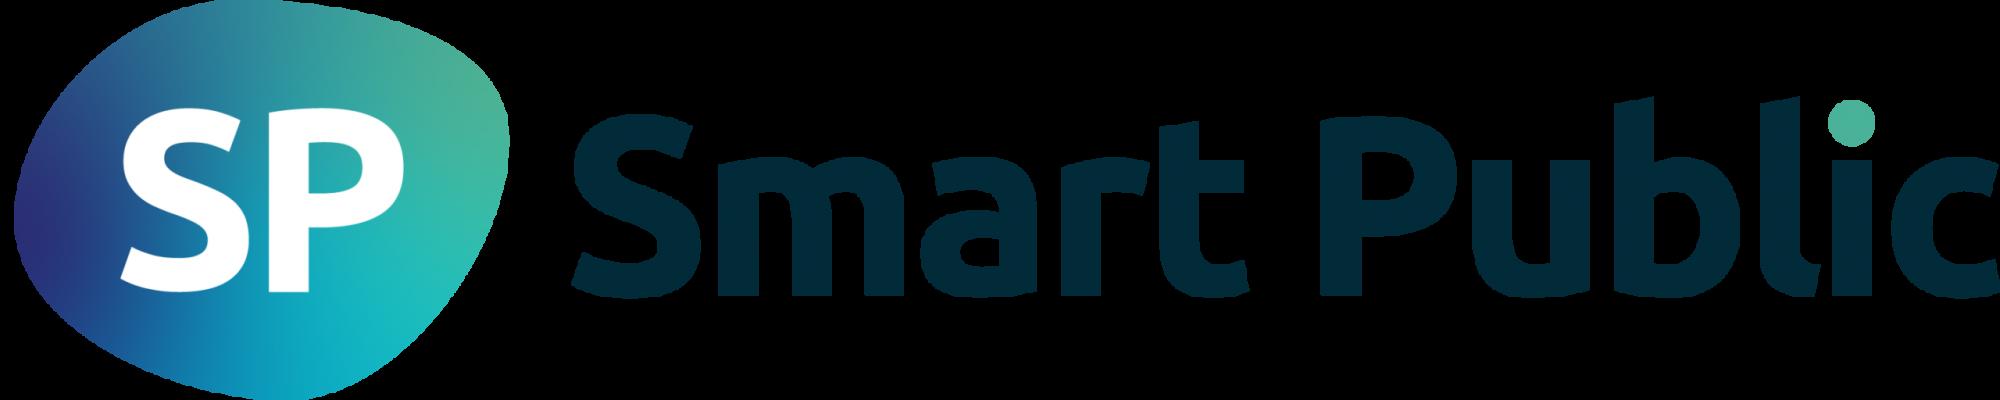 logo-sp-long-couleur